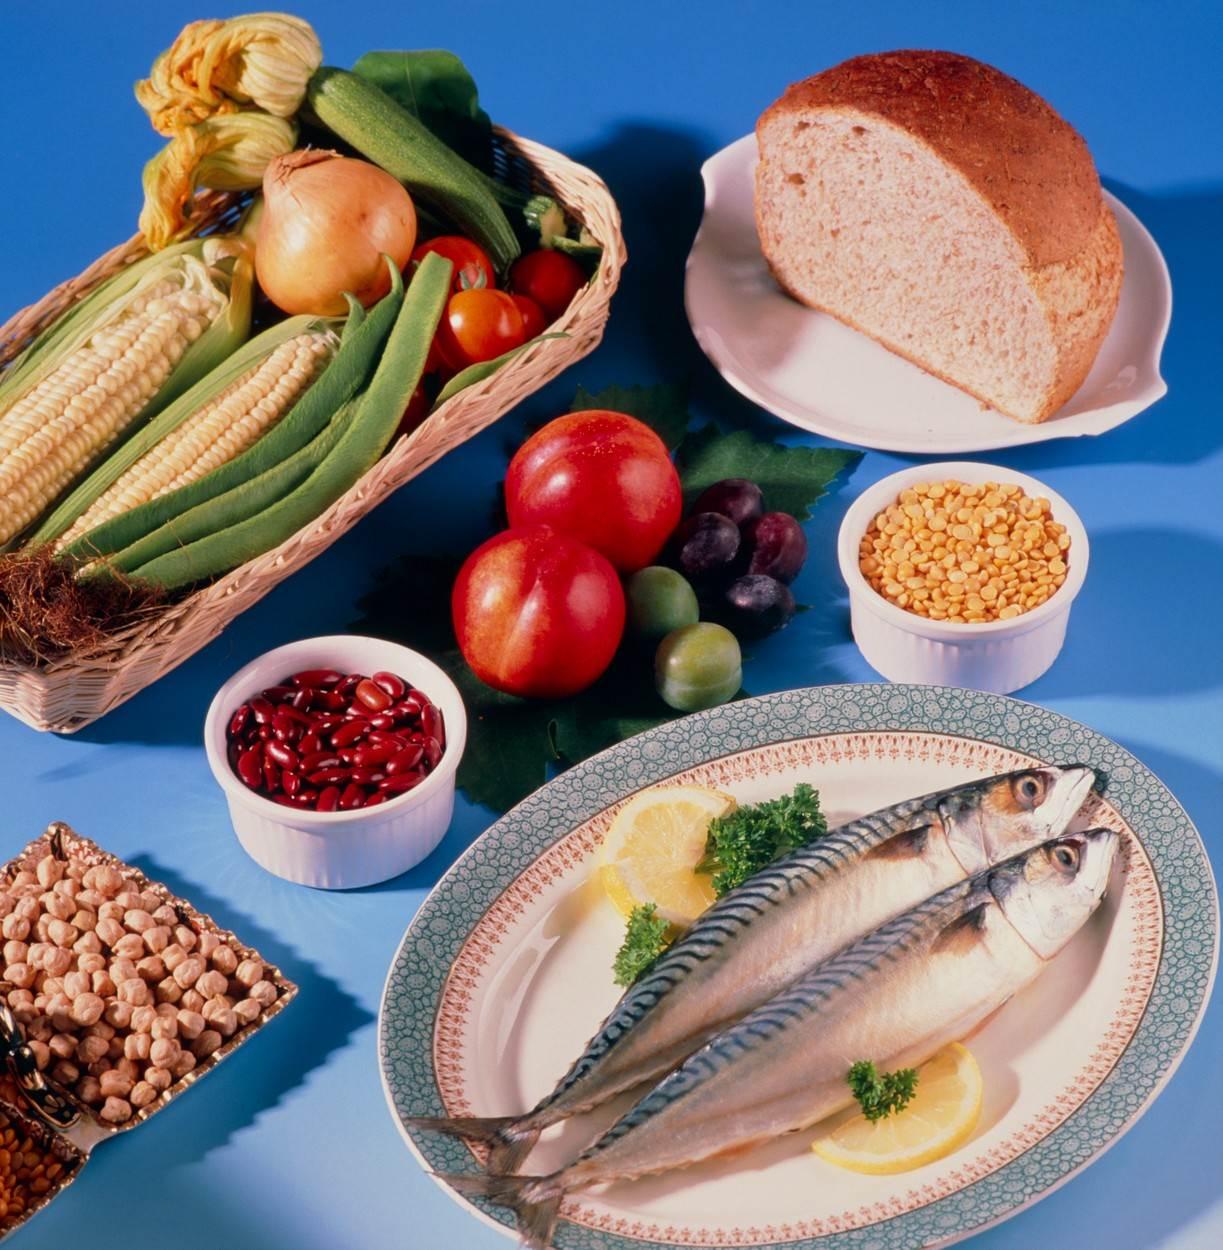 dijeta balansirana prehrana